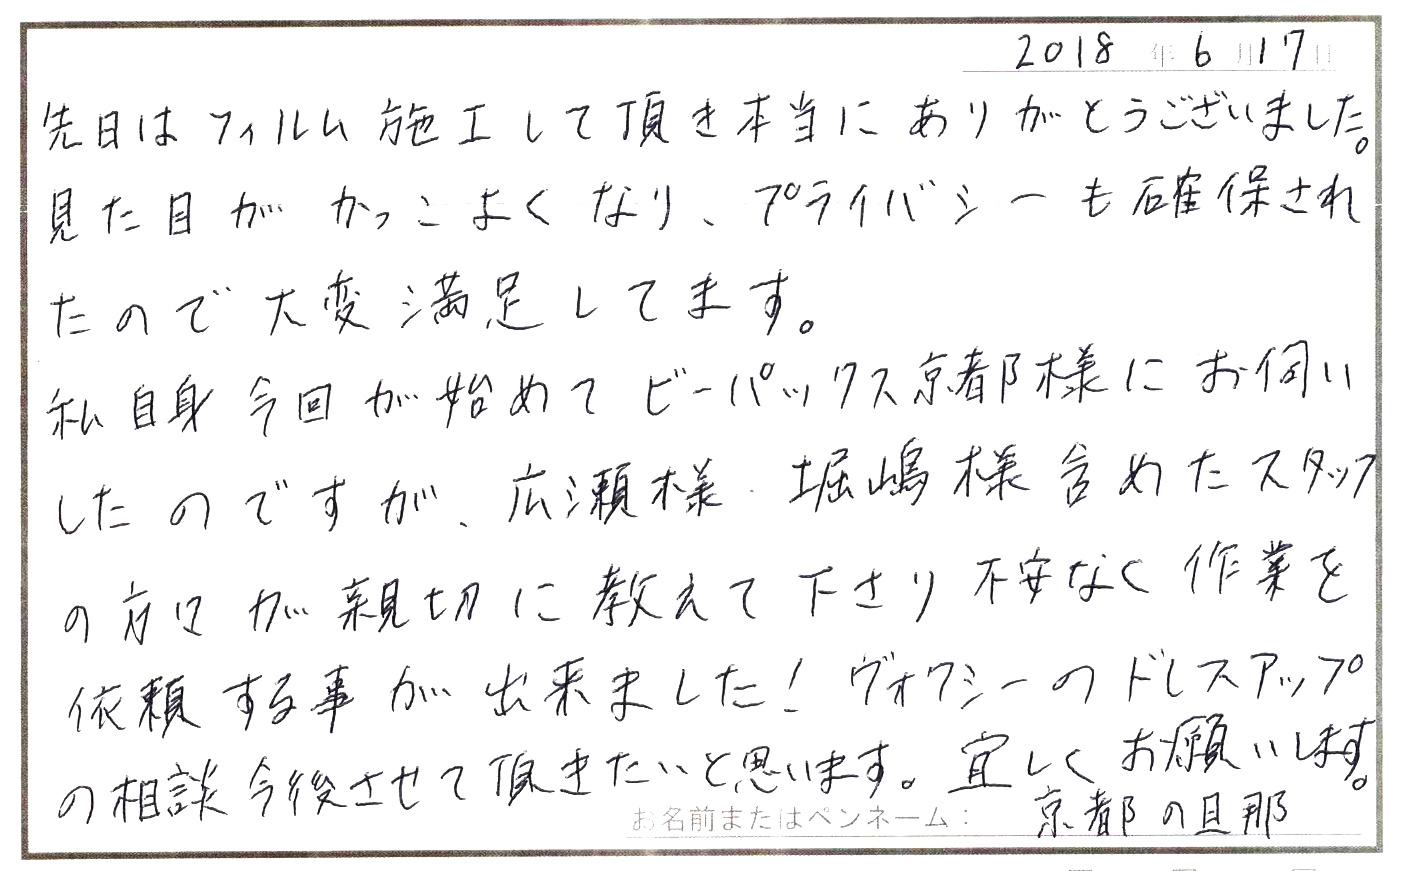 ビーパックスへのクチコミ/お客様の声:京都の旦那 様(京都市伏見区)/トヨタ VOXY